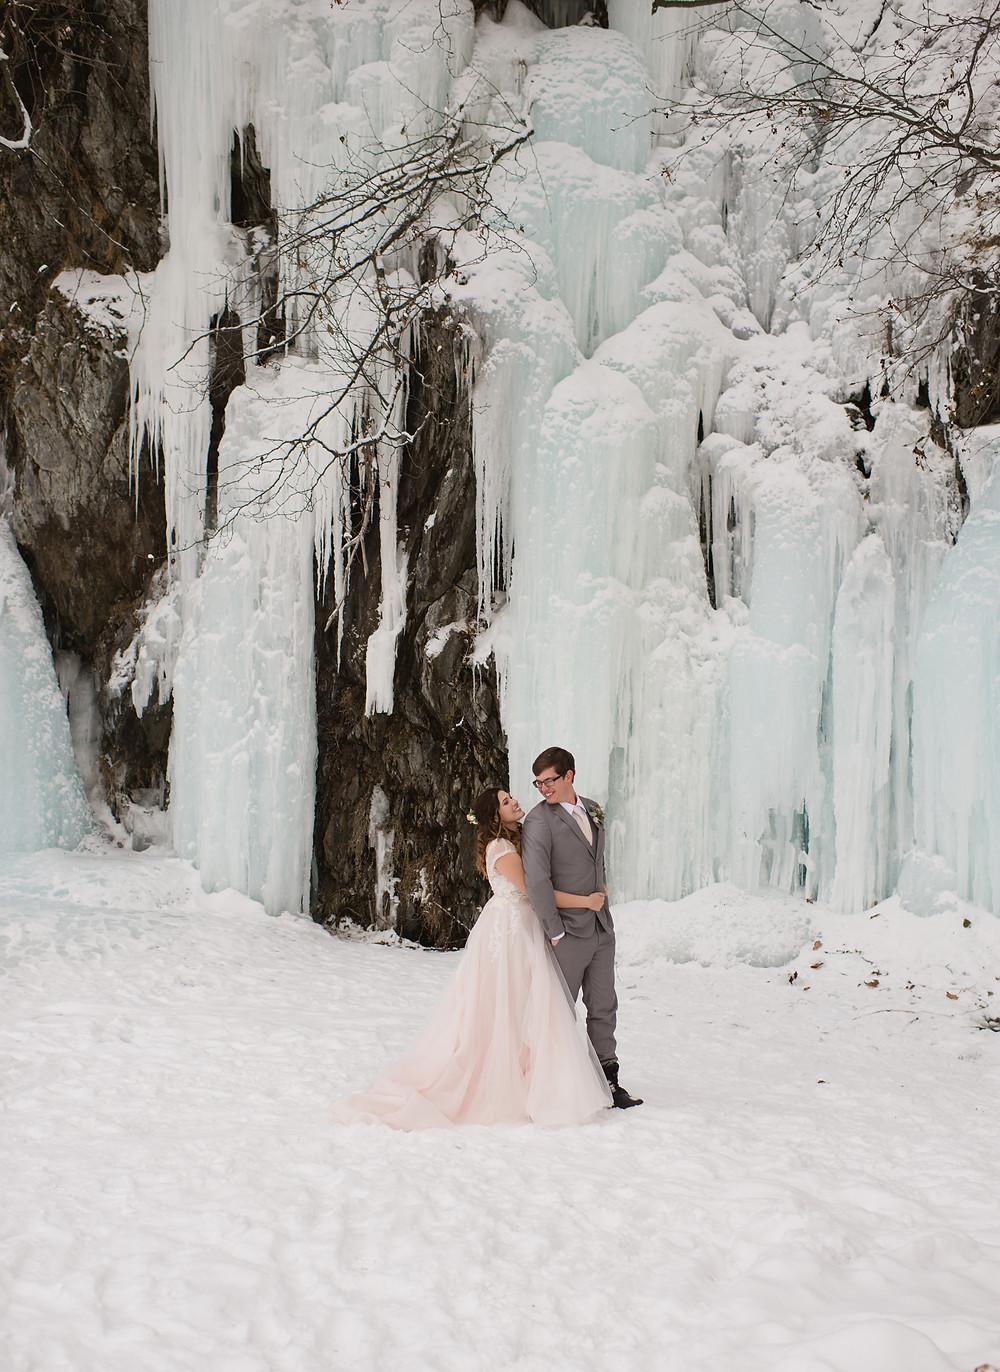 Snowy, winter Alaska elopement